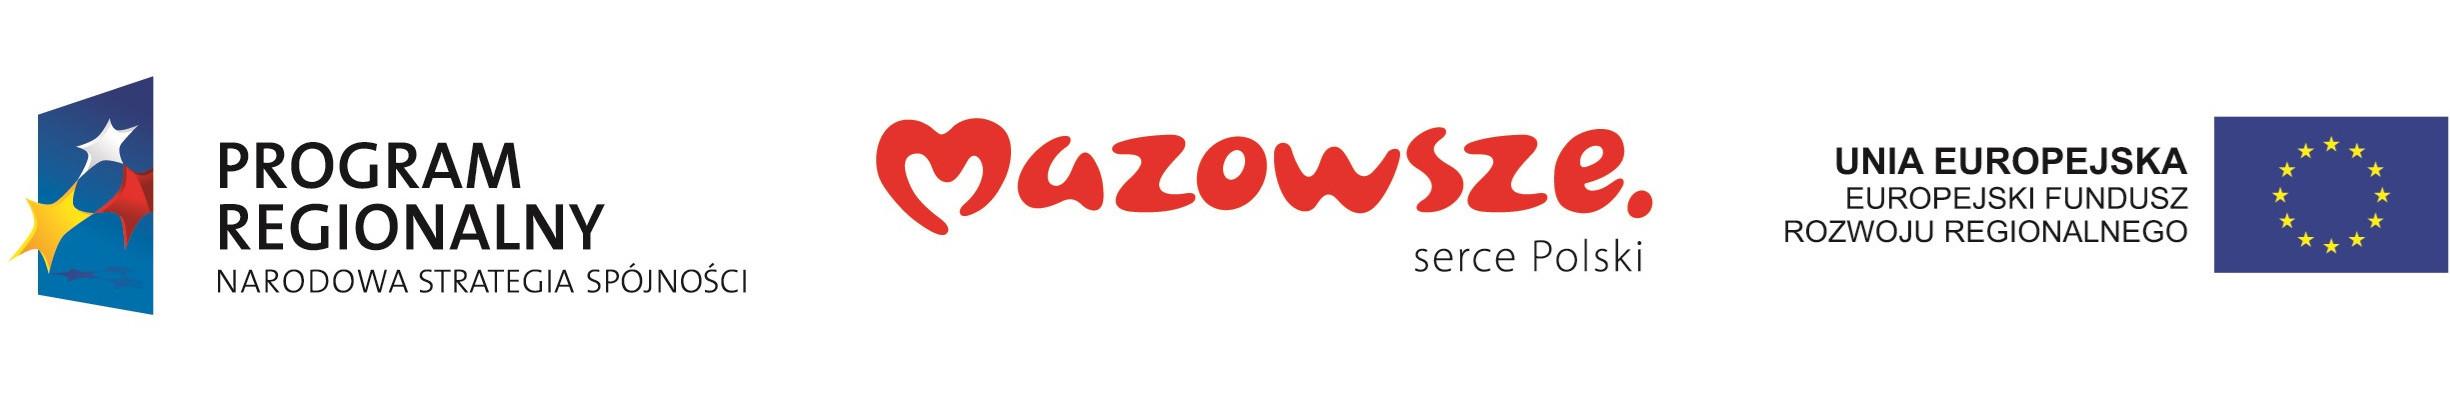 Regionalny Program Województwa Mazowieckiego 2014-2020